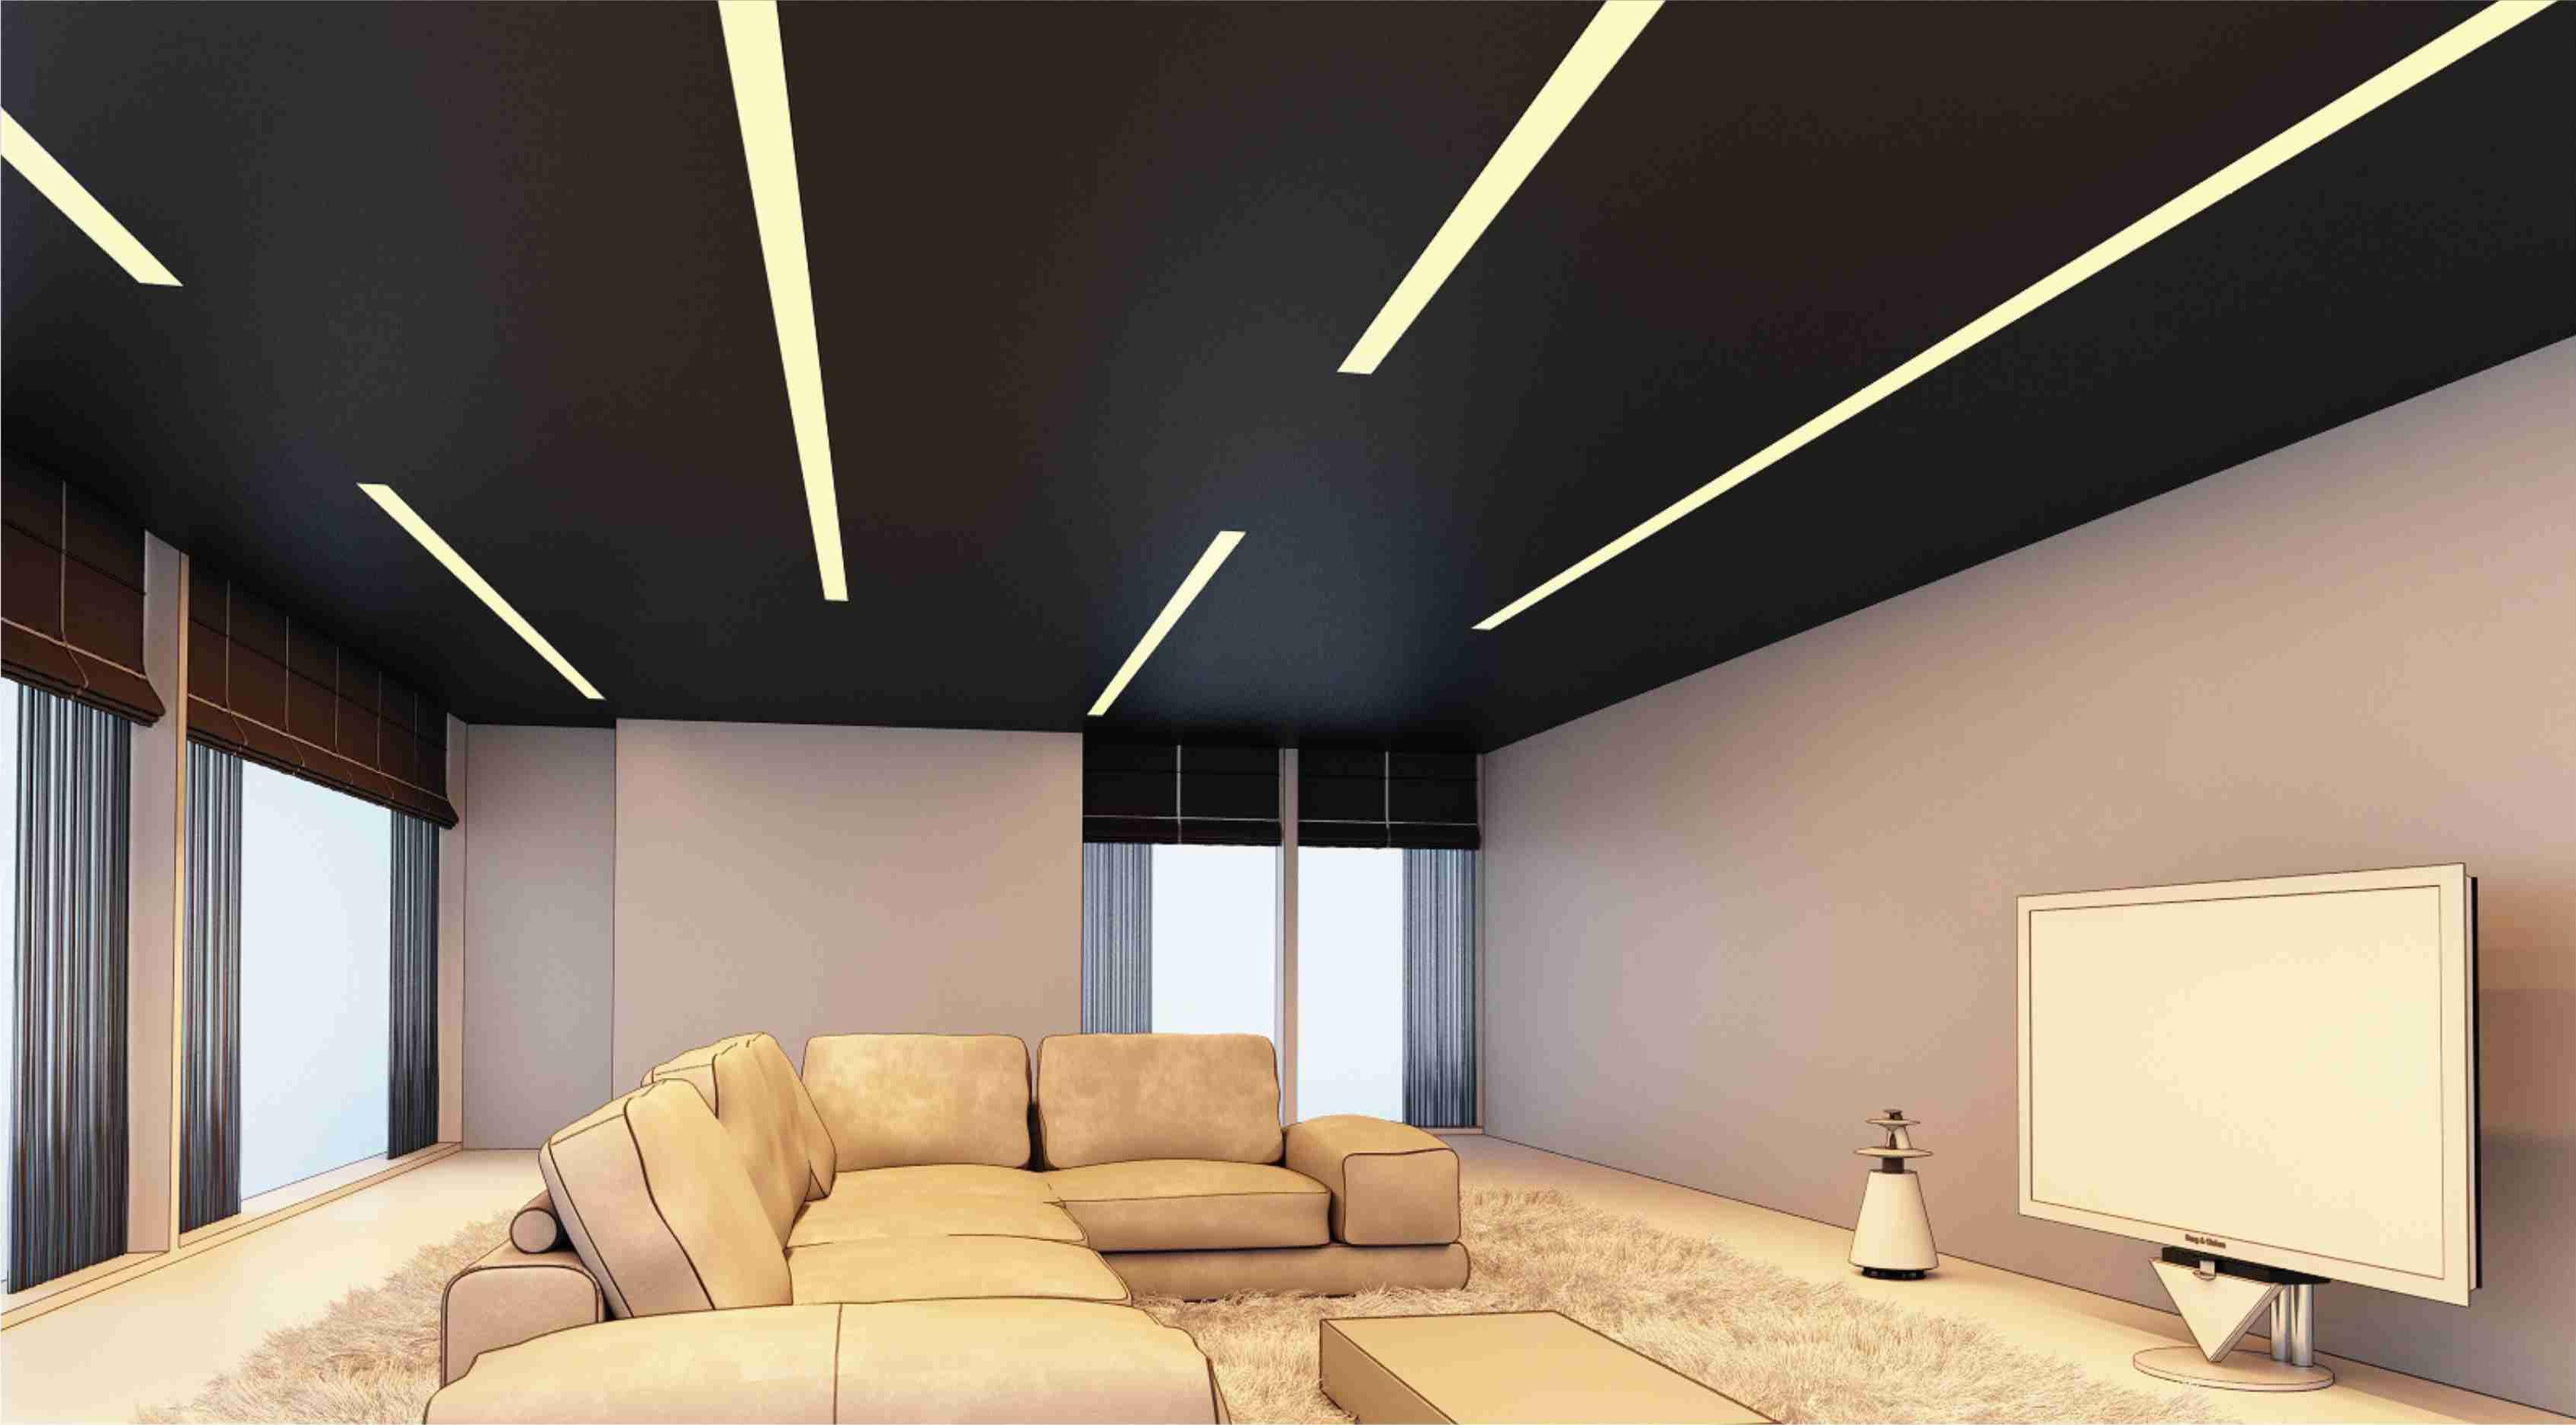 Iluminaci n en sal n con perfiles empotrados y tira de - Iluminacion led para el hogar ...